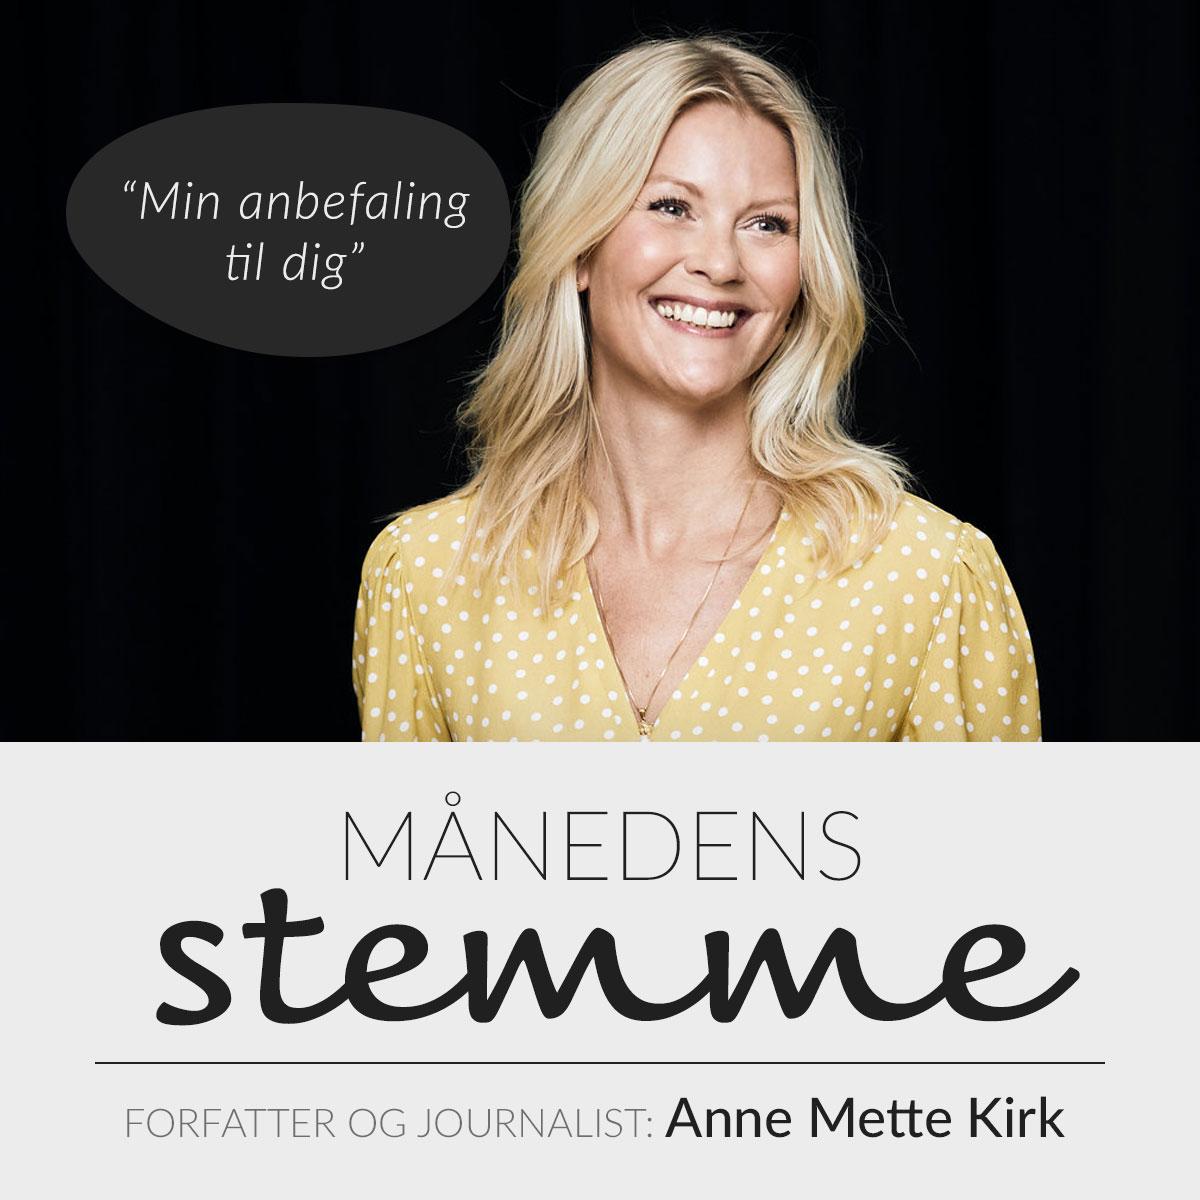 Anbefaling fra Anne Mette Kirk